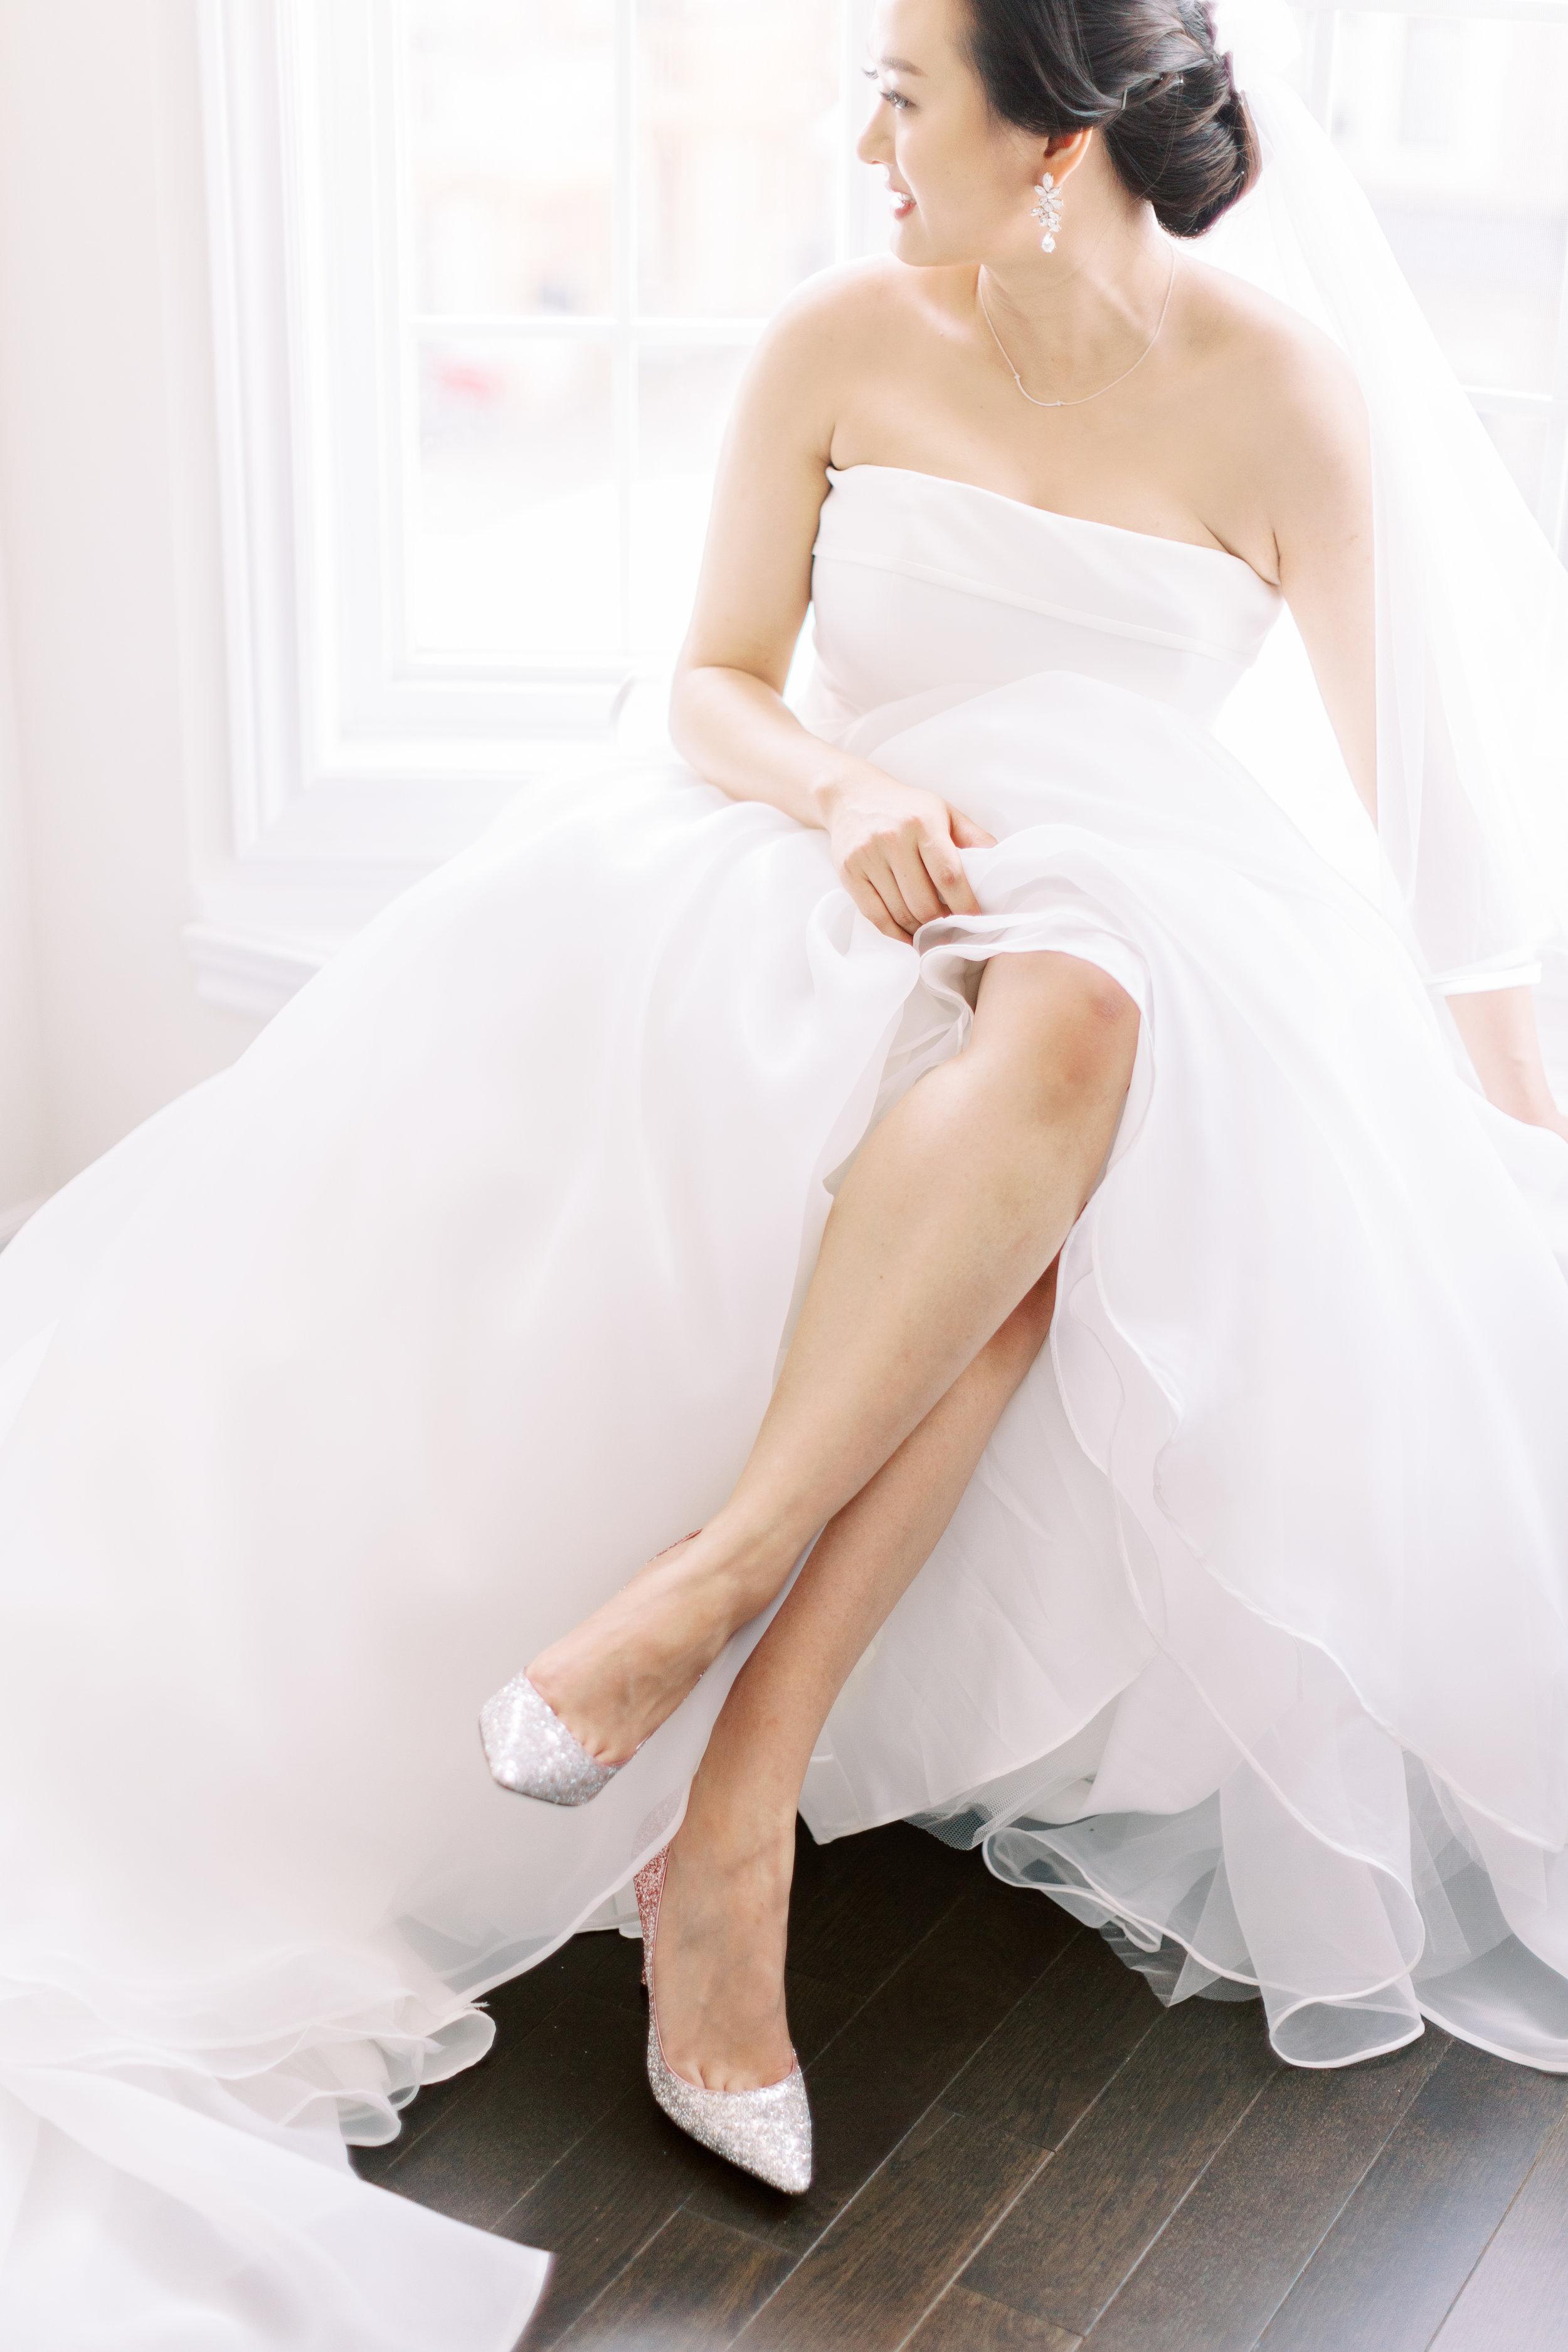 Arlington Estate Wedding - Bride Getting Ready-33.jpg